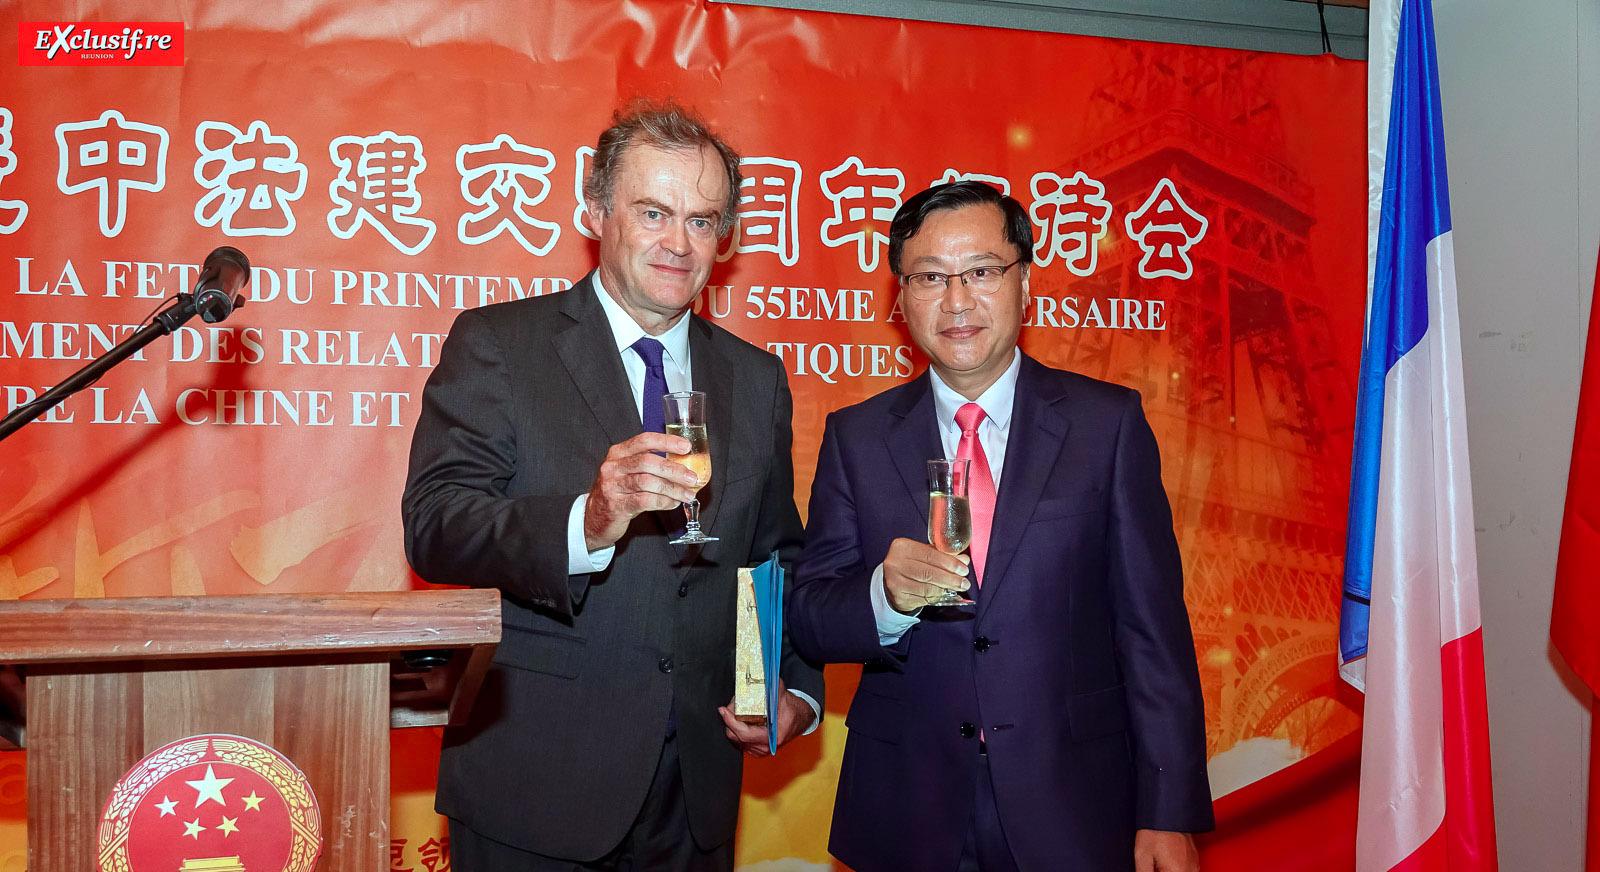 Amaury de Saint-Quentin, Préfet de La Réunion, et Chen Zhihong, Consul Général de la République populaire de Chine à La Réunion, trinquent à la nouvelle année du Cochon de terre